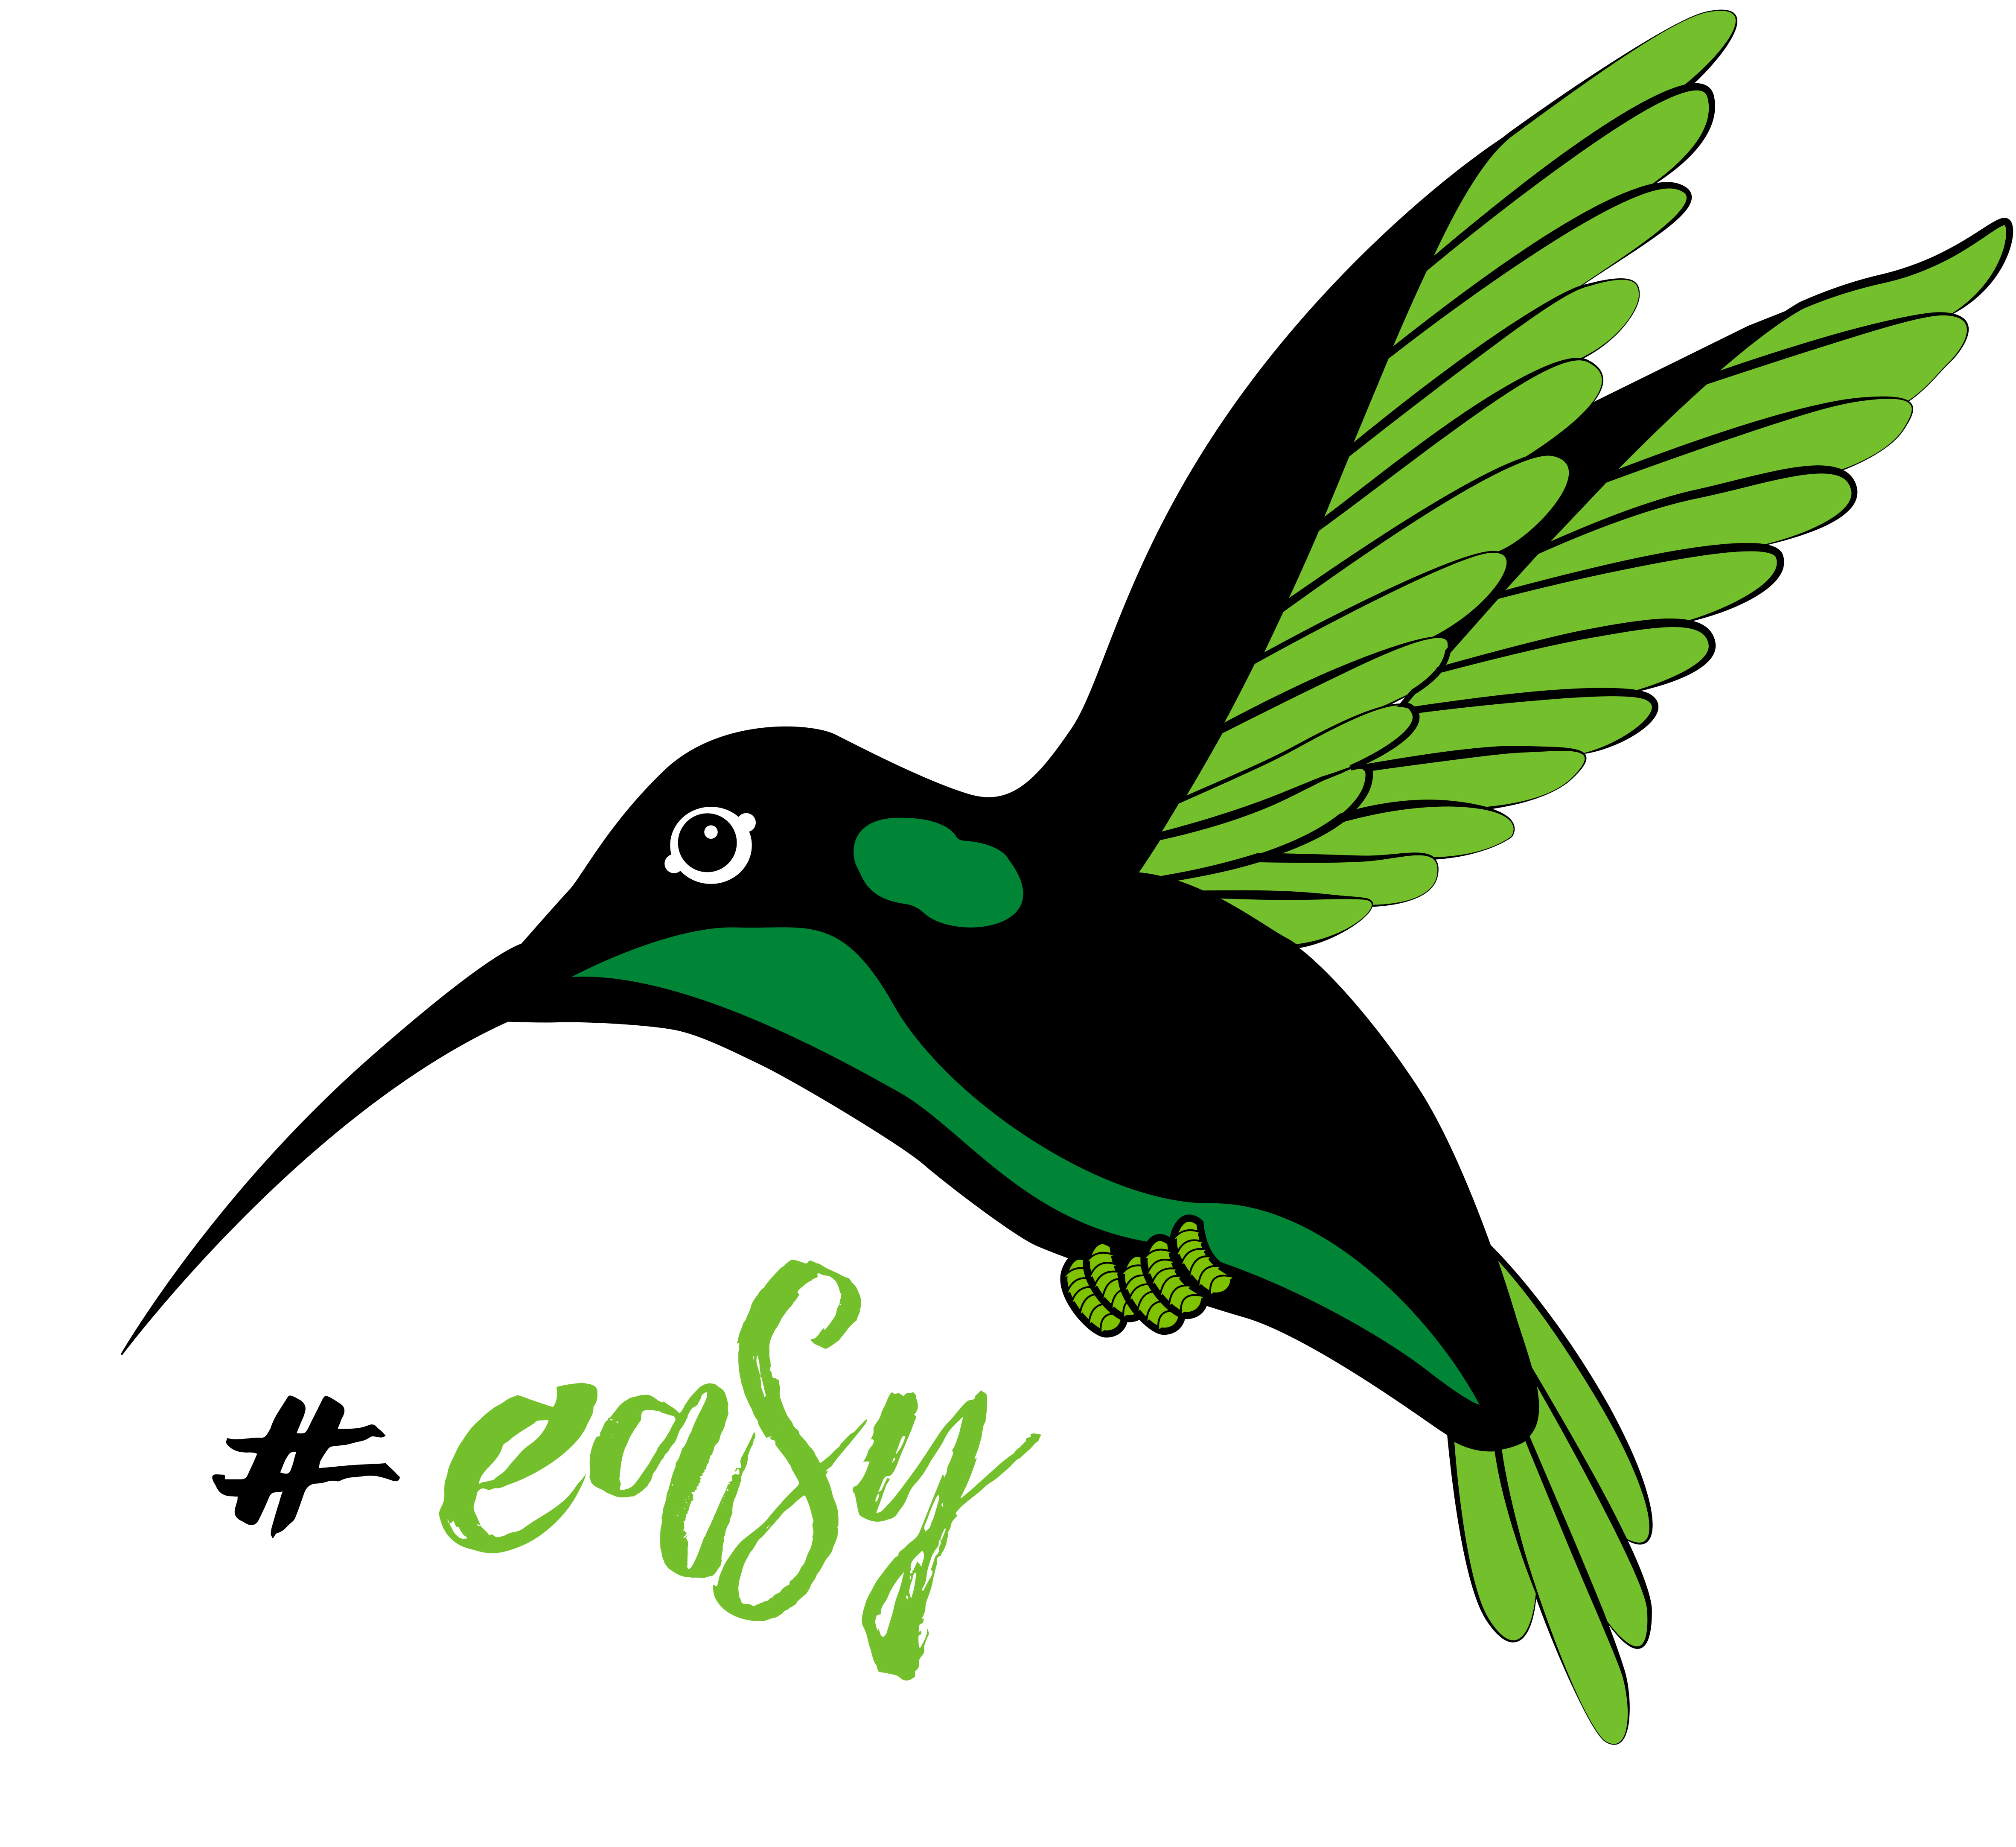 Разработка логотипа в виде хэштега #easy с зеленой колибри  фото f_5935d4db20162095.jpg